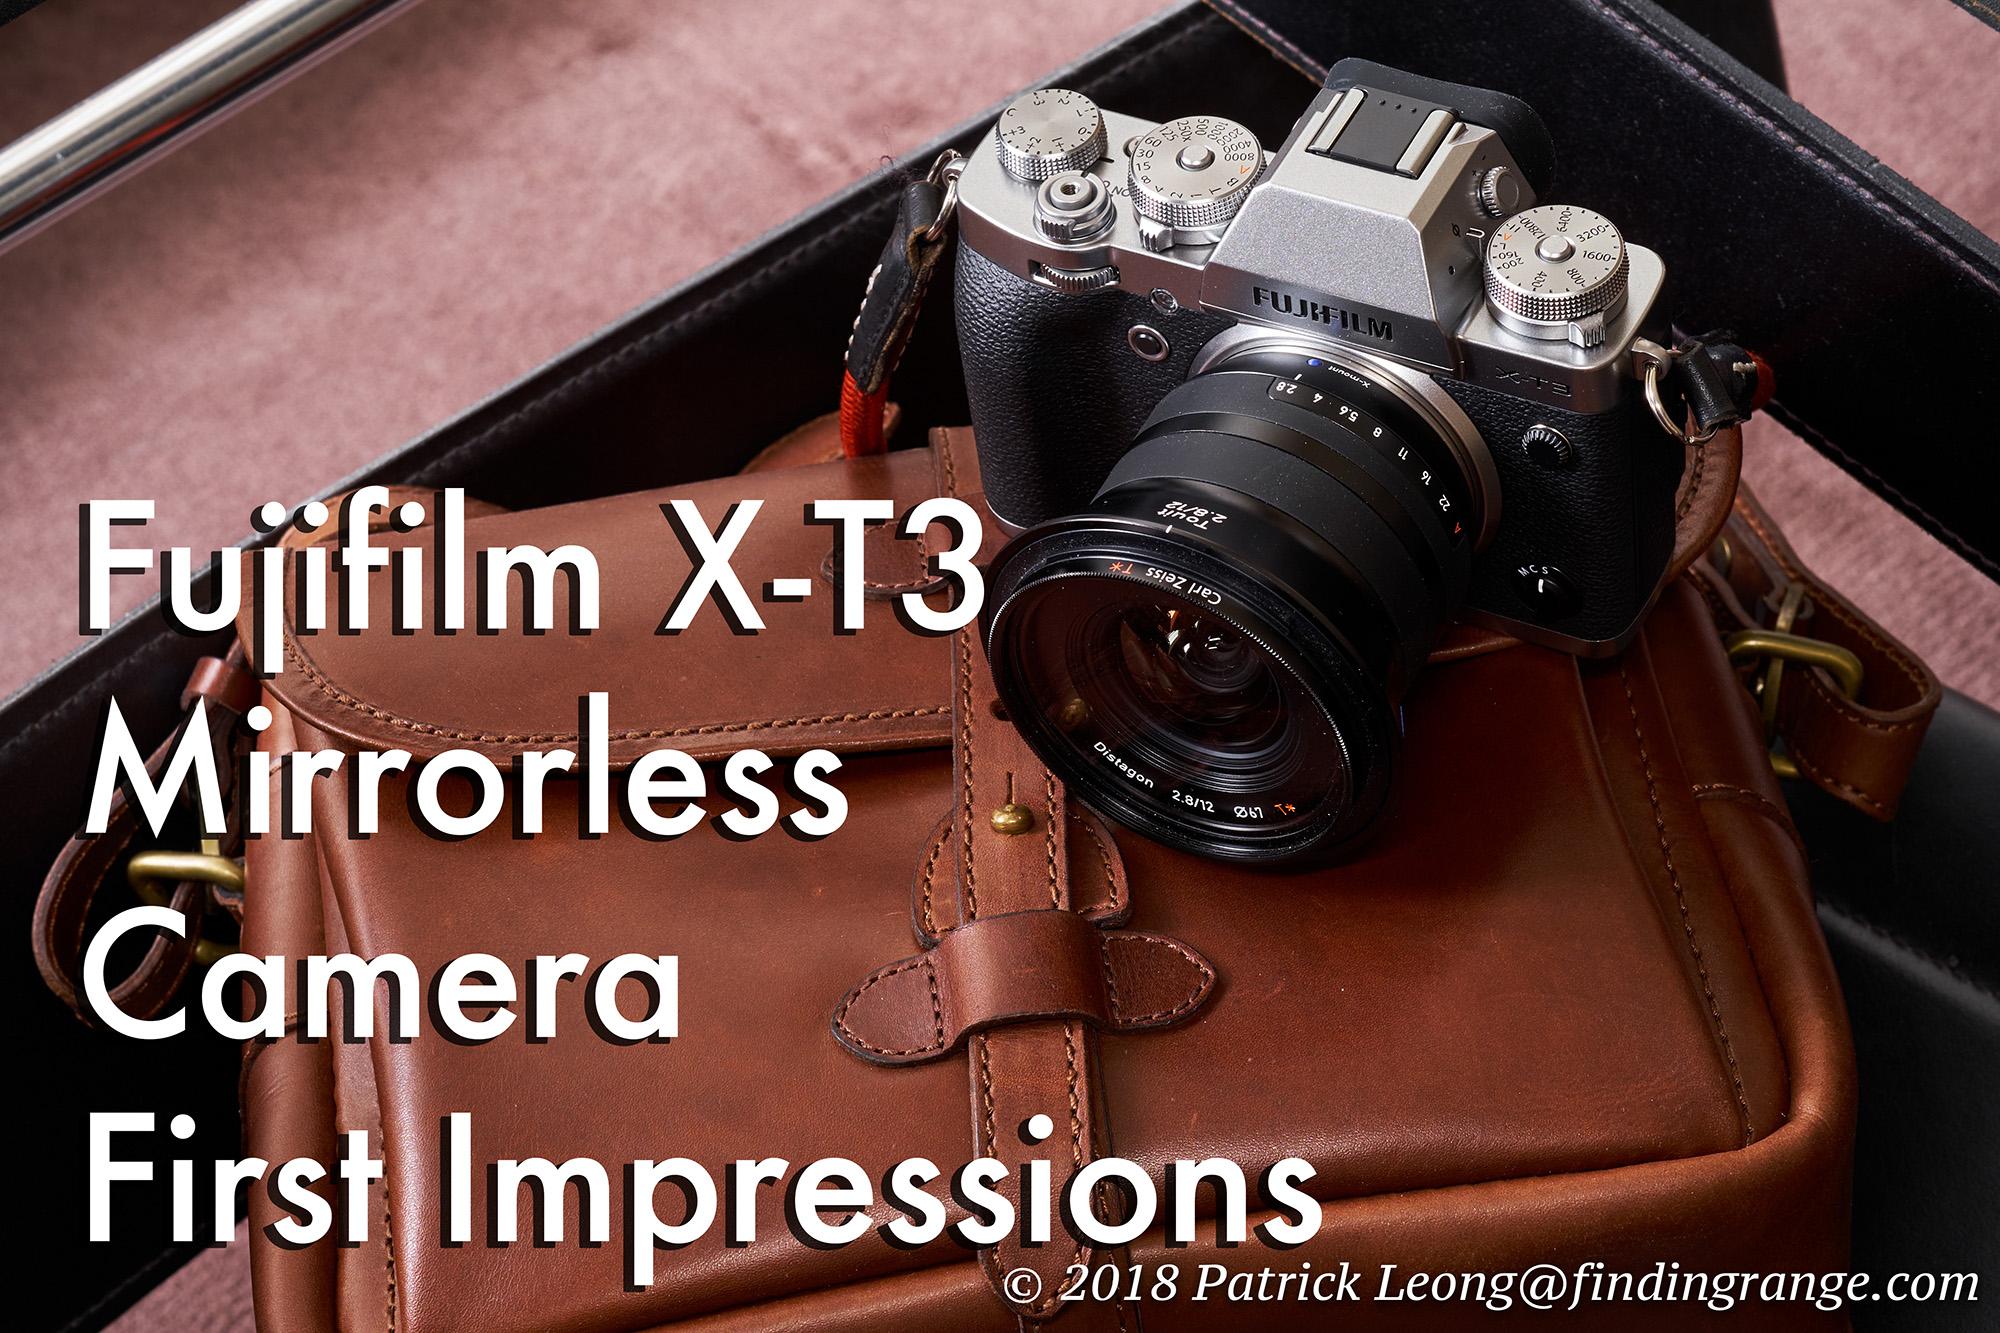 Fujifilm X-T3 Mirrorless Camera First Impressions